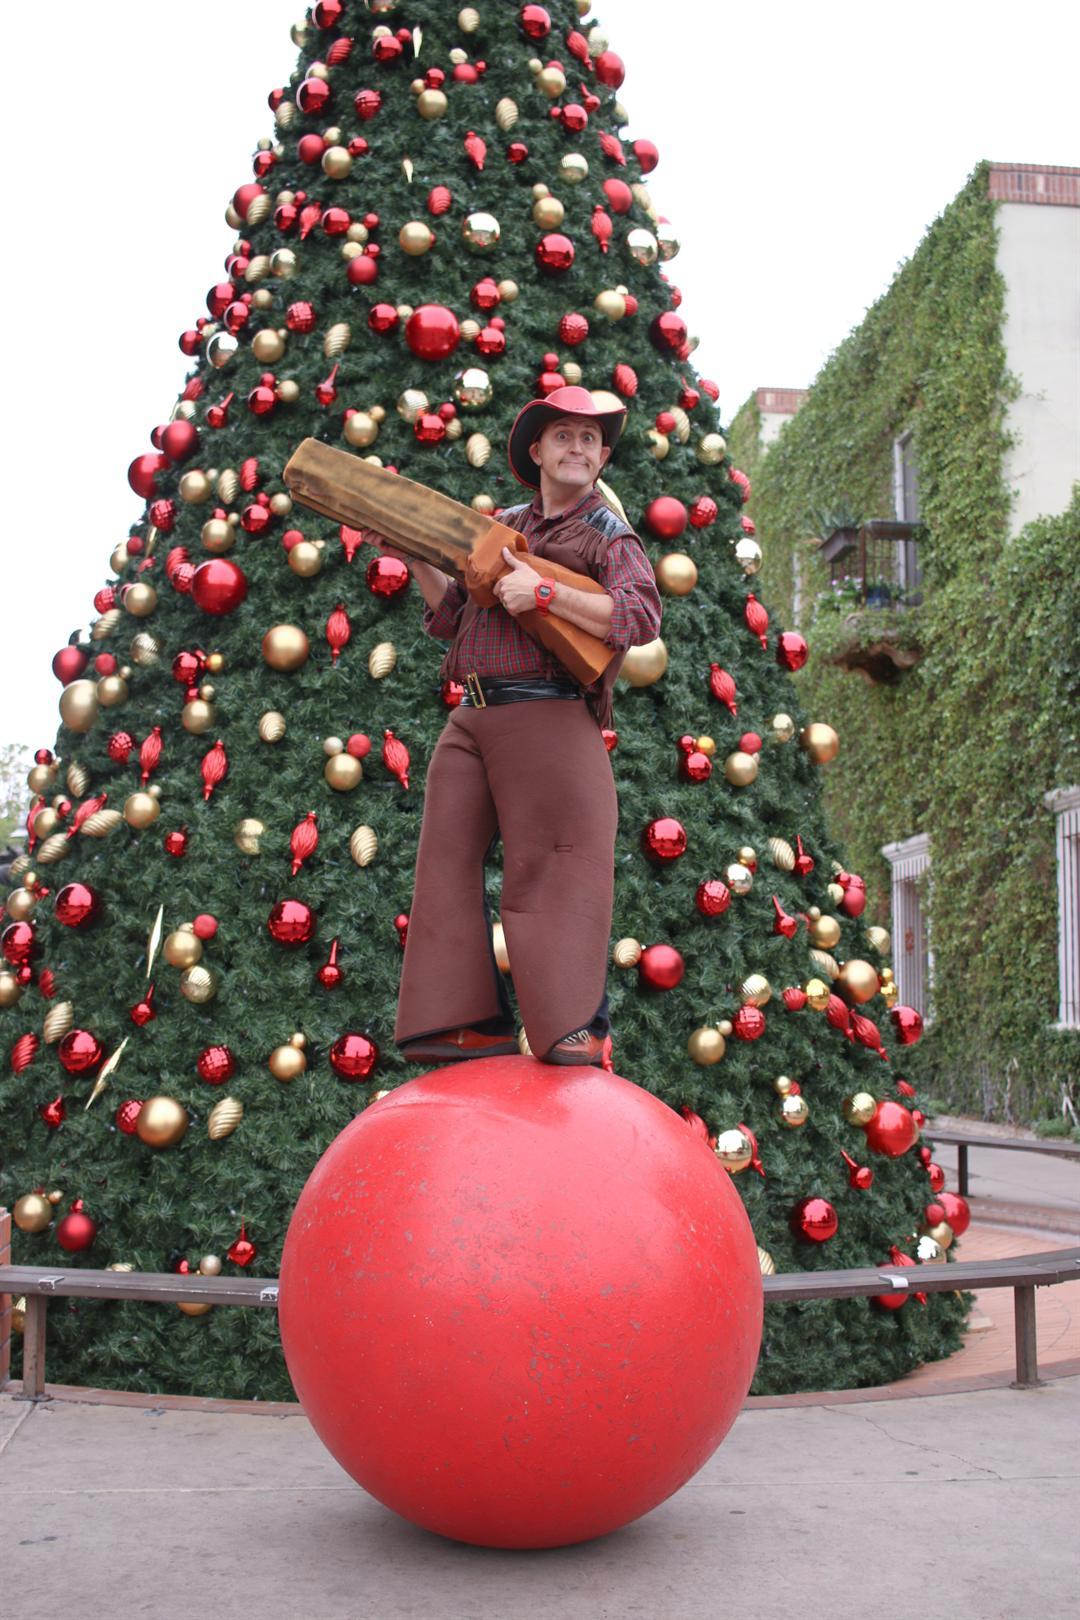 Scottsdazzle Kicks Off The Holidays In Scottsdale Wsmv